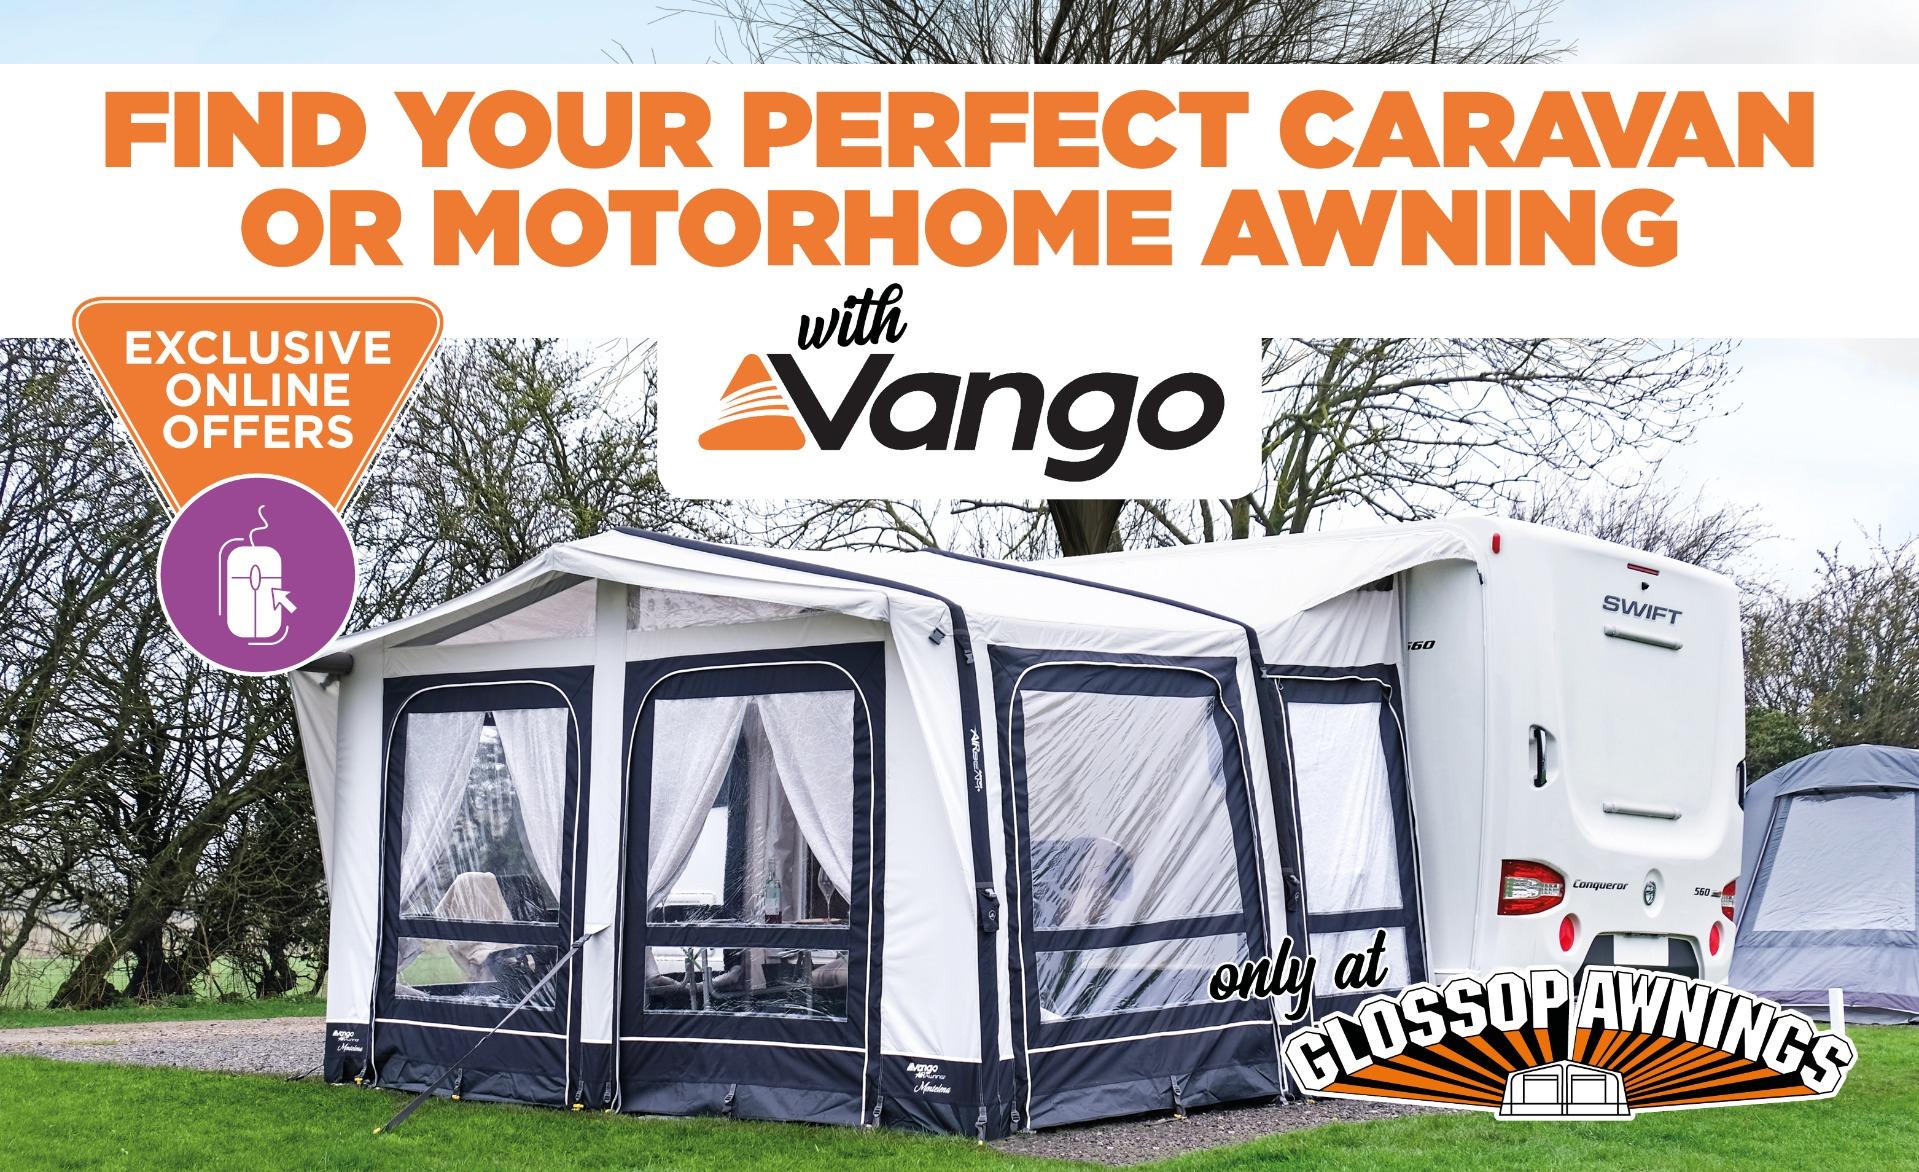 Vango Promotion